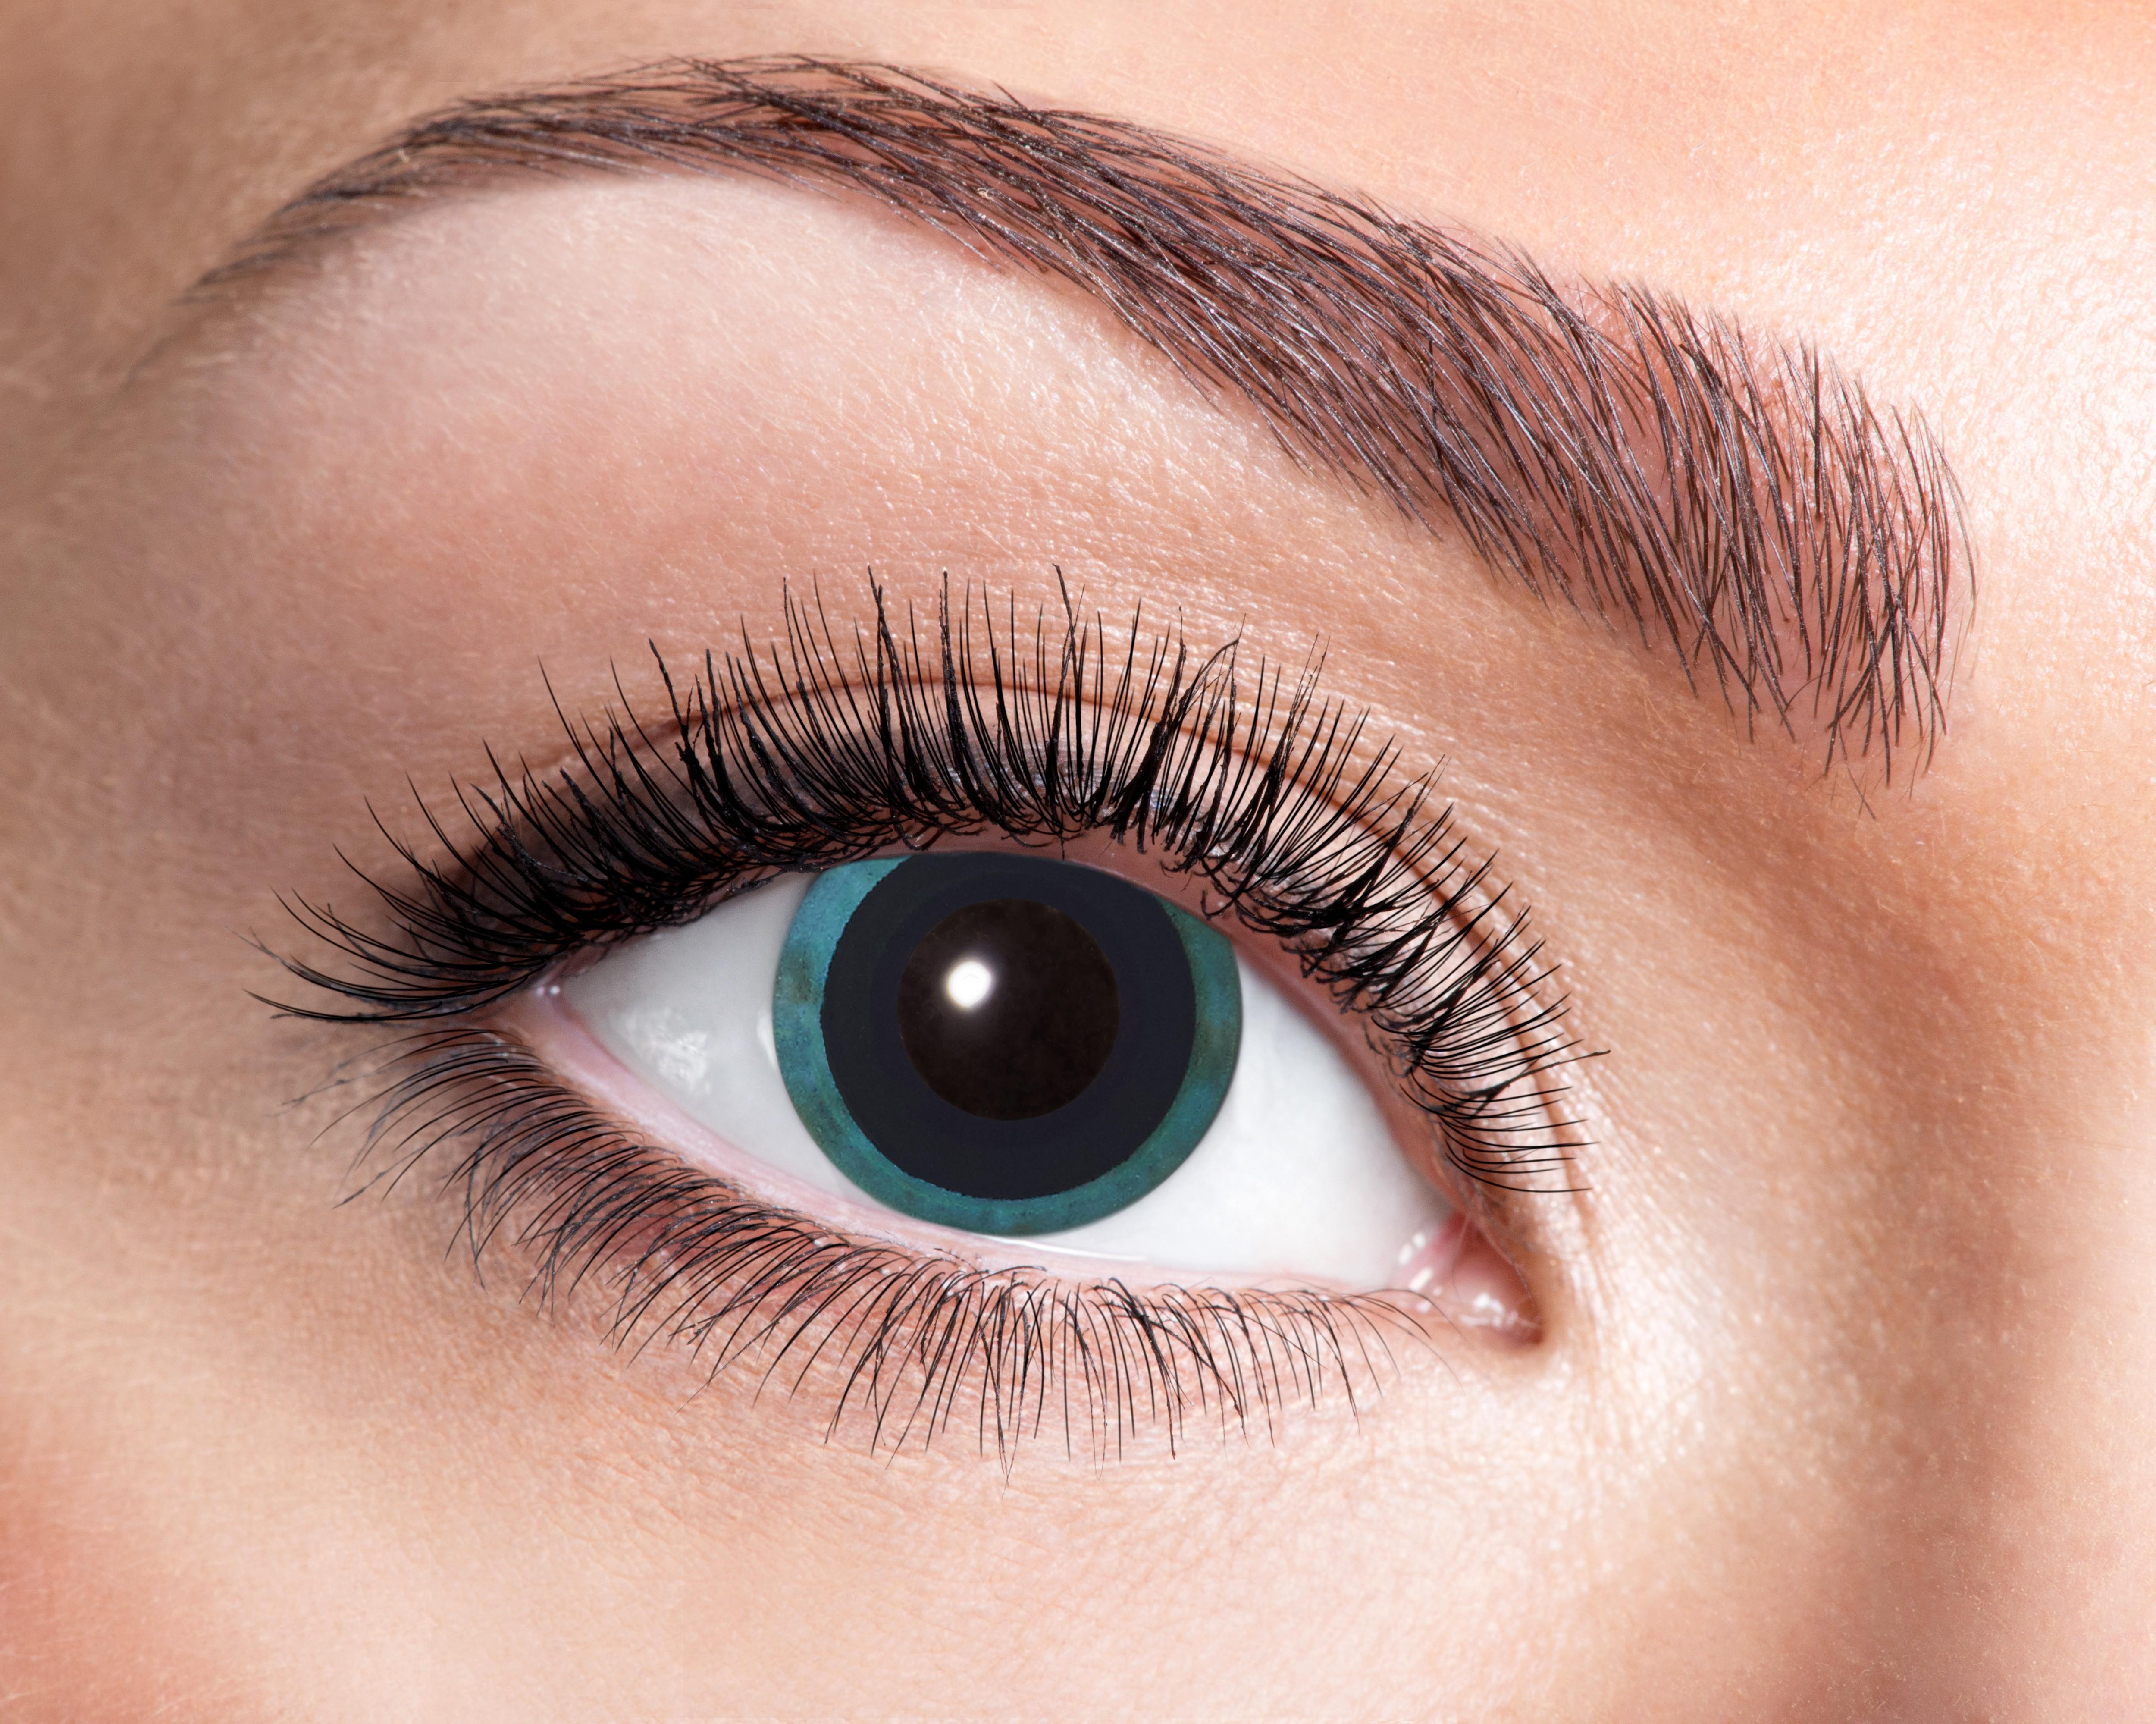 Ecplise Ultra Violet kontaktlinser